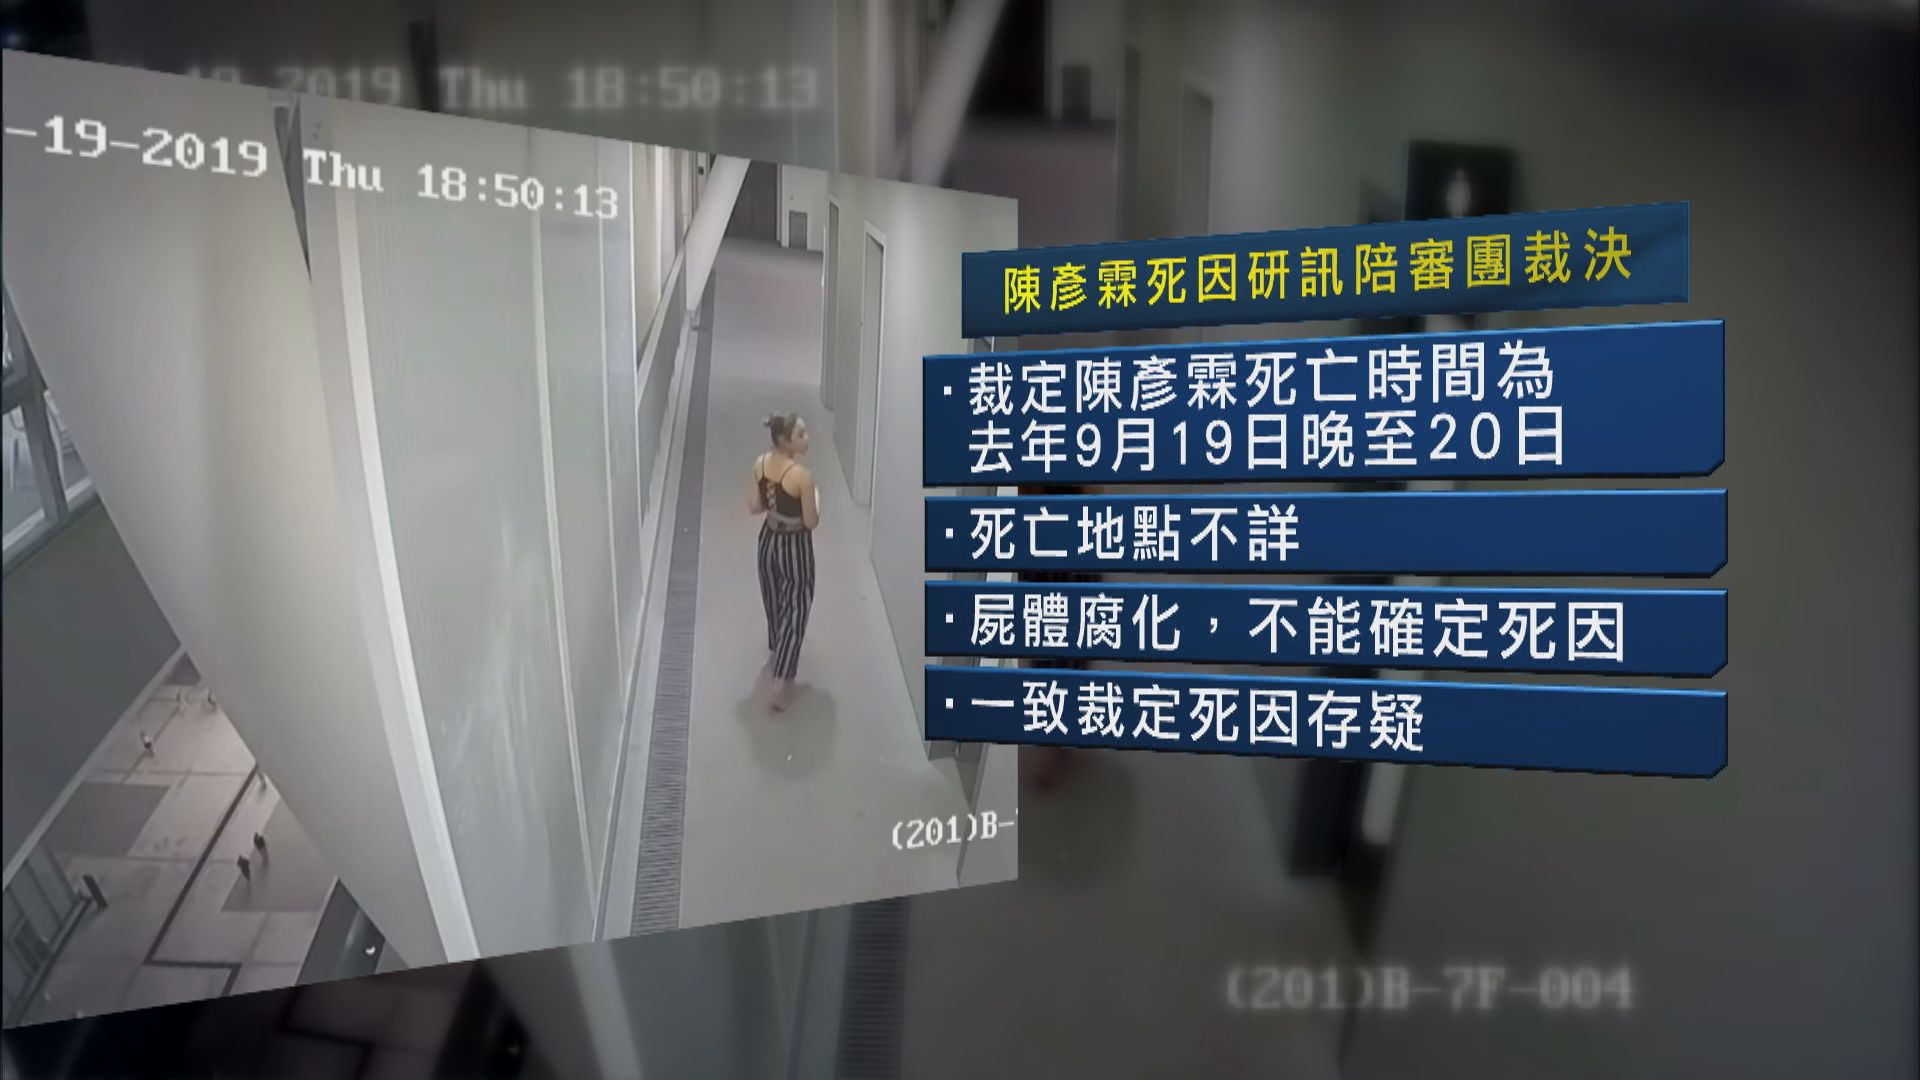 【即日焦點】死因庭裁定陳彥霖死因存疑 官冀還「少少公道」;東鐵新信號系統或令列車去錯目的地 押後使用